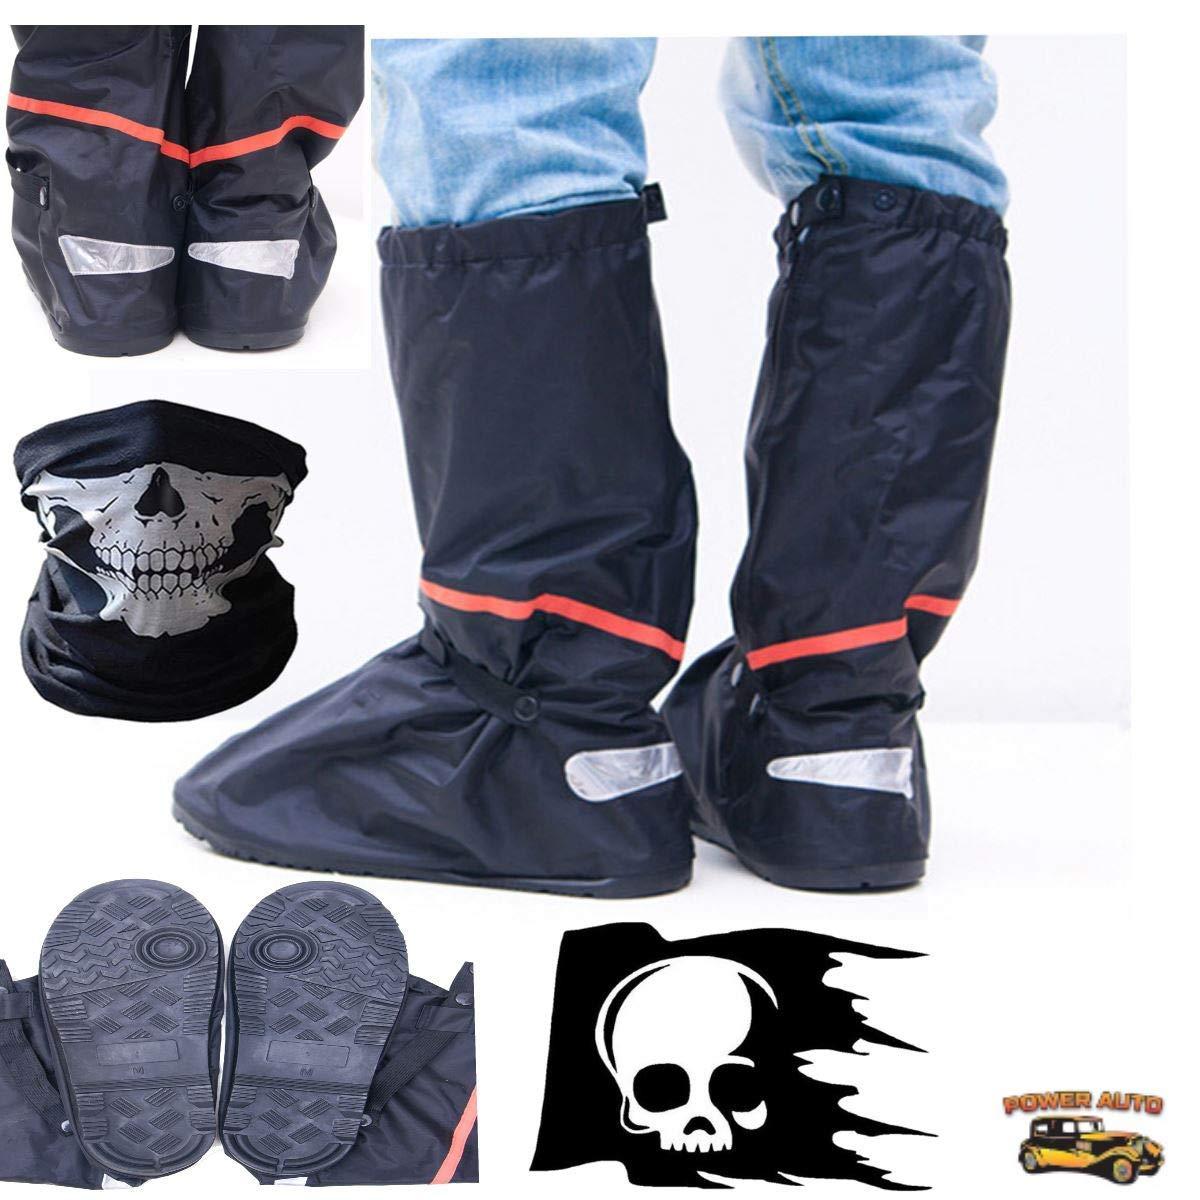 摩托车靴套 - 全鞋一脚蹬 w/便携包、贴花和面罩 2X 黑色 PA-RainBoots